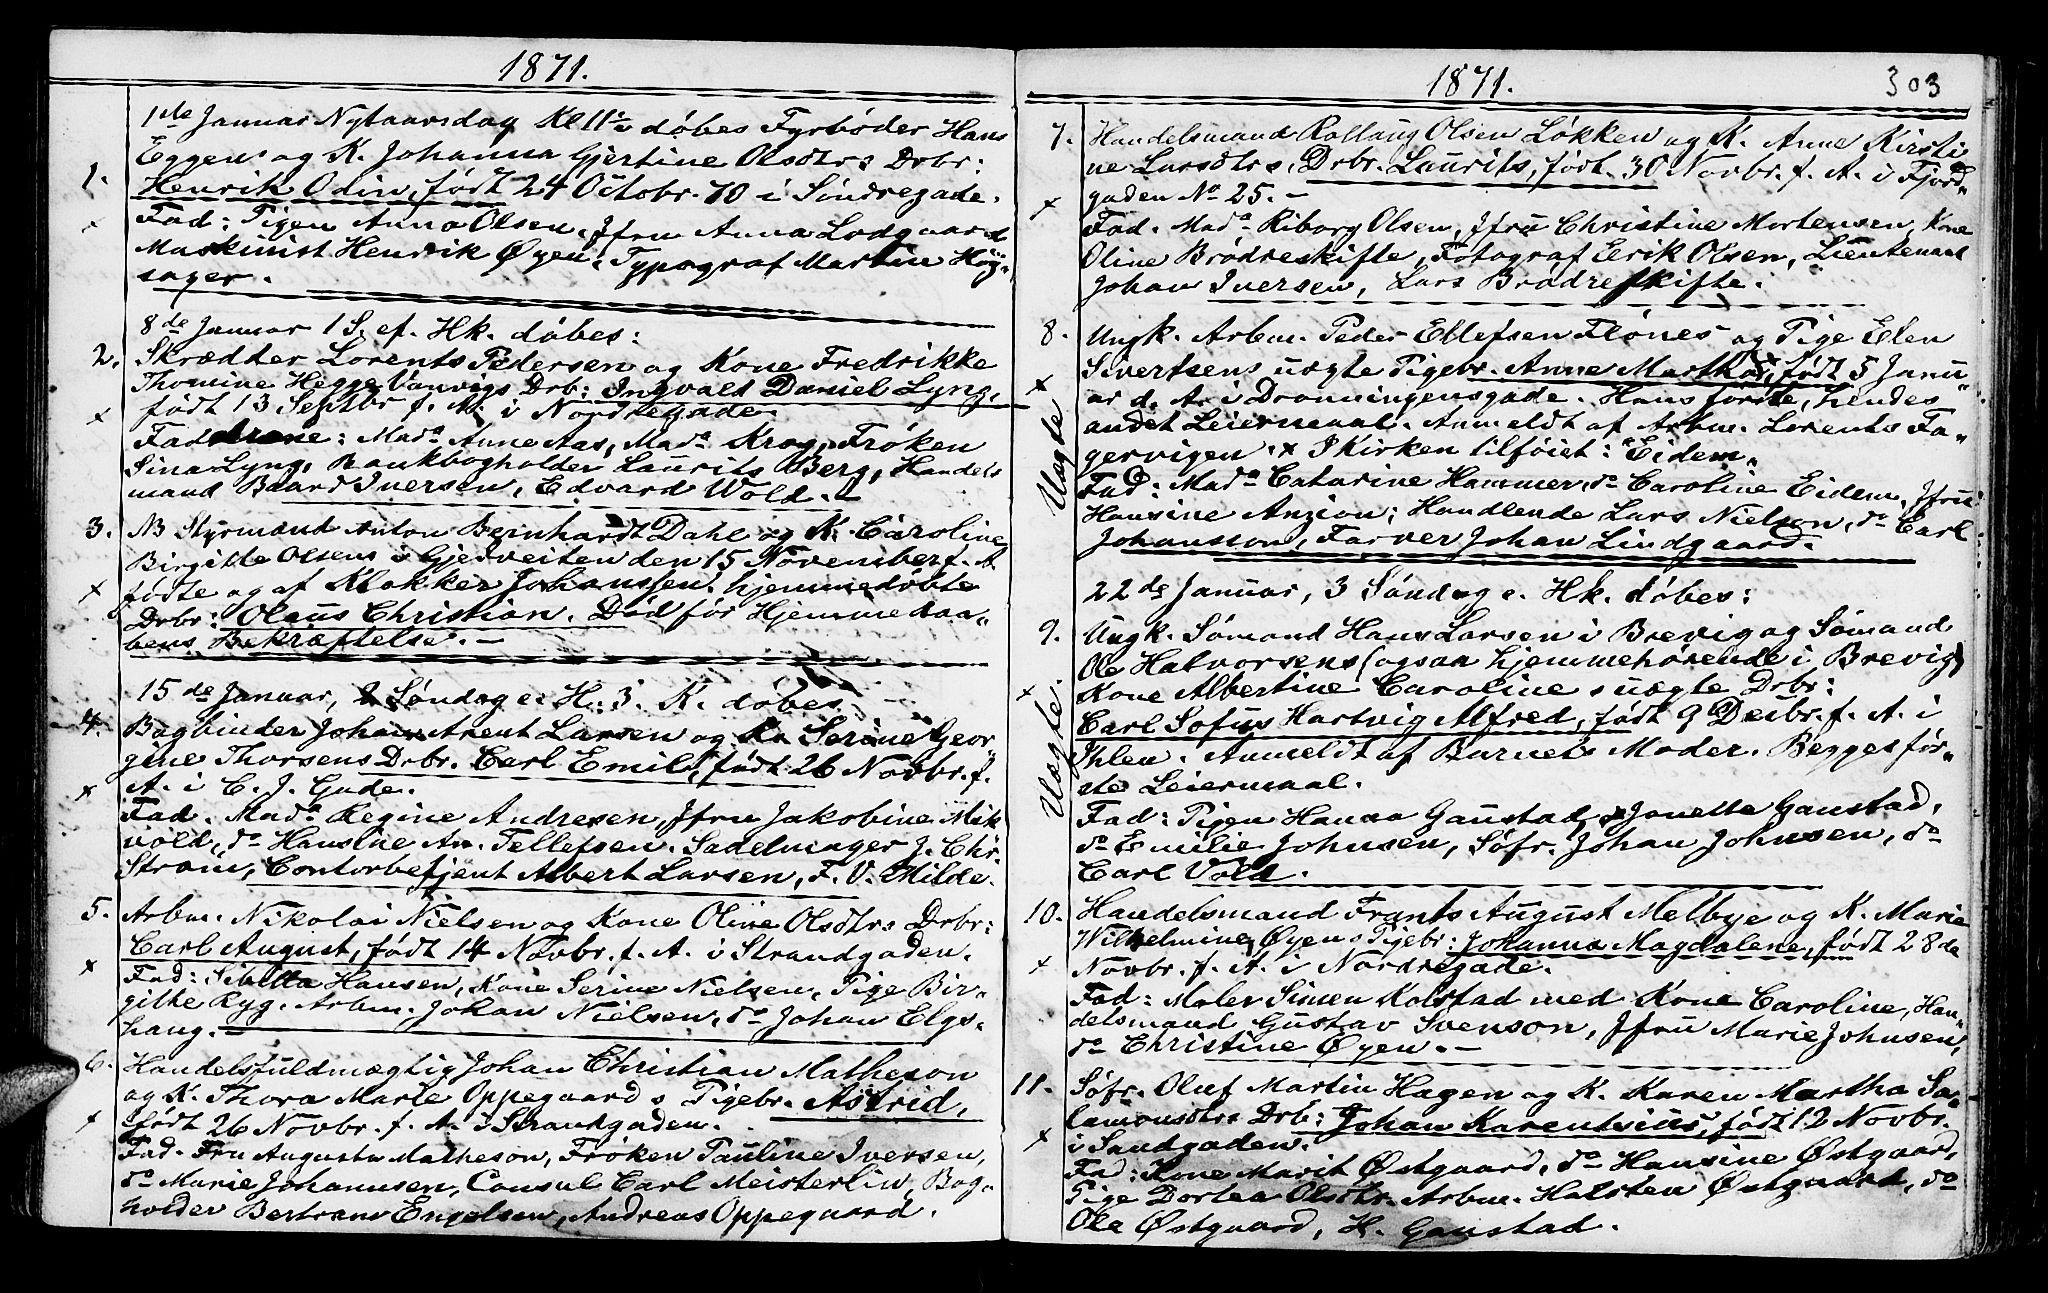 SAT, Ministerialprotokoller, klokkerbøker og fødselsregistre - Sør-Trøndelag, 602/L0140: Klokkerbok nr. 602C08, 1864-1872, s. 302-303